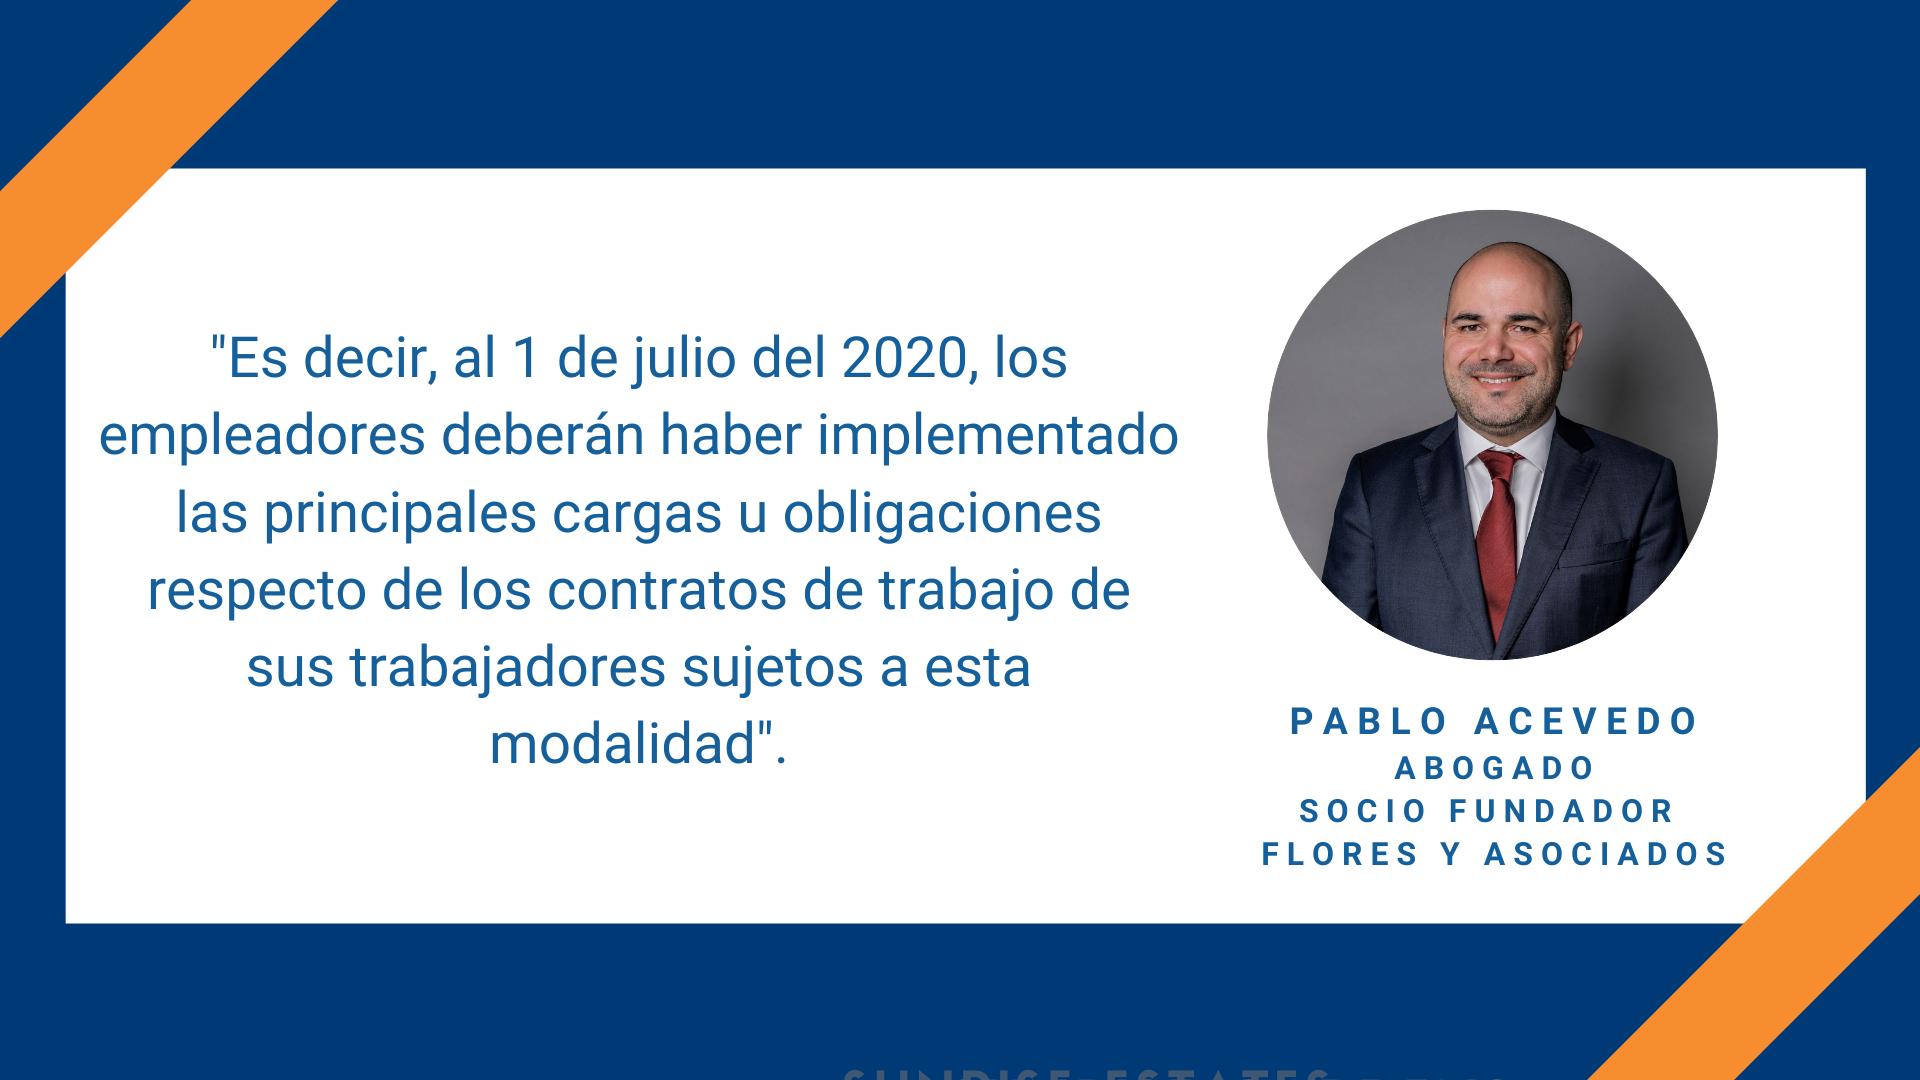 Ley de Teletrabajo en Chile: Información clave que deben saber las pymes